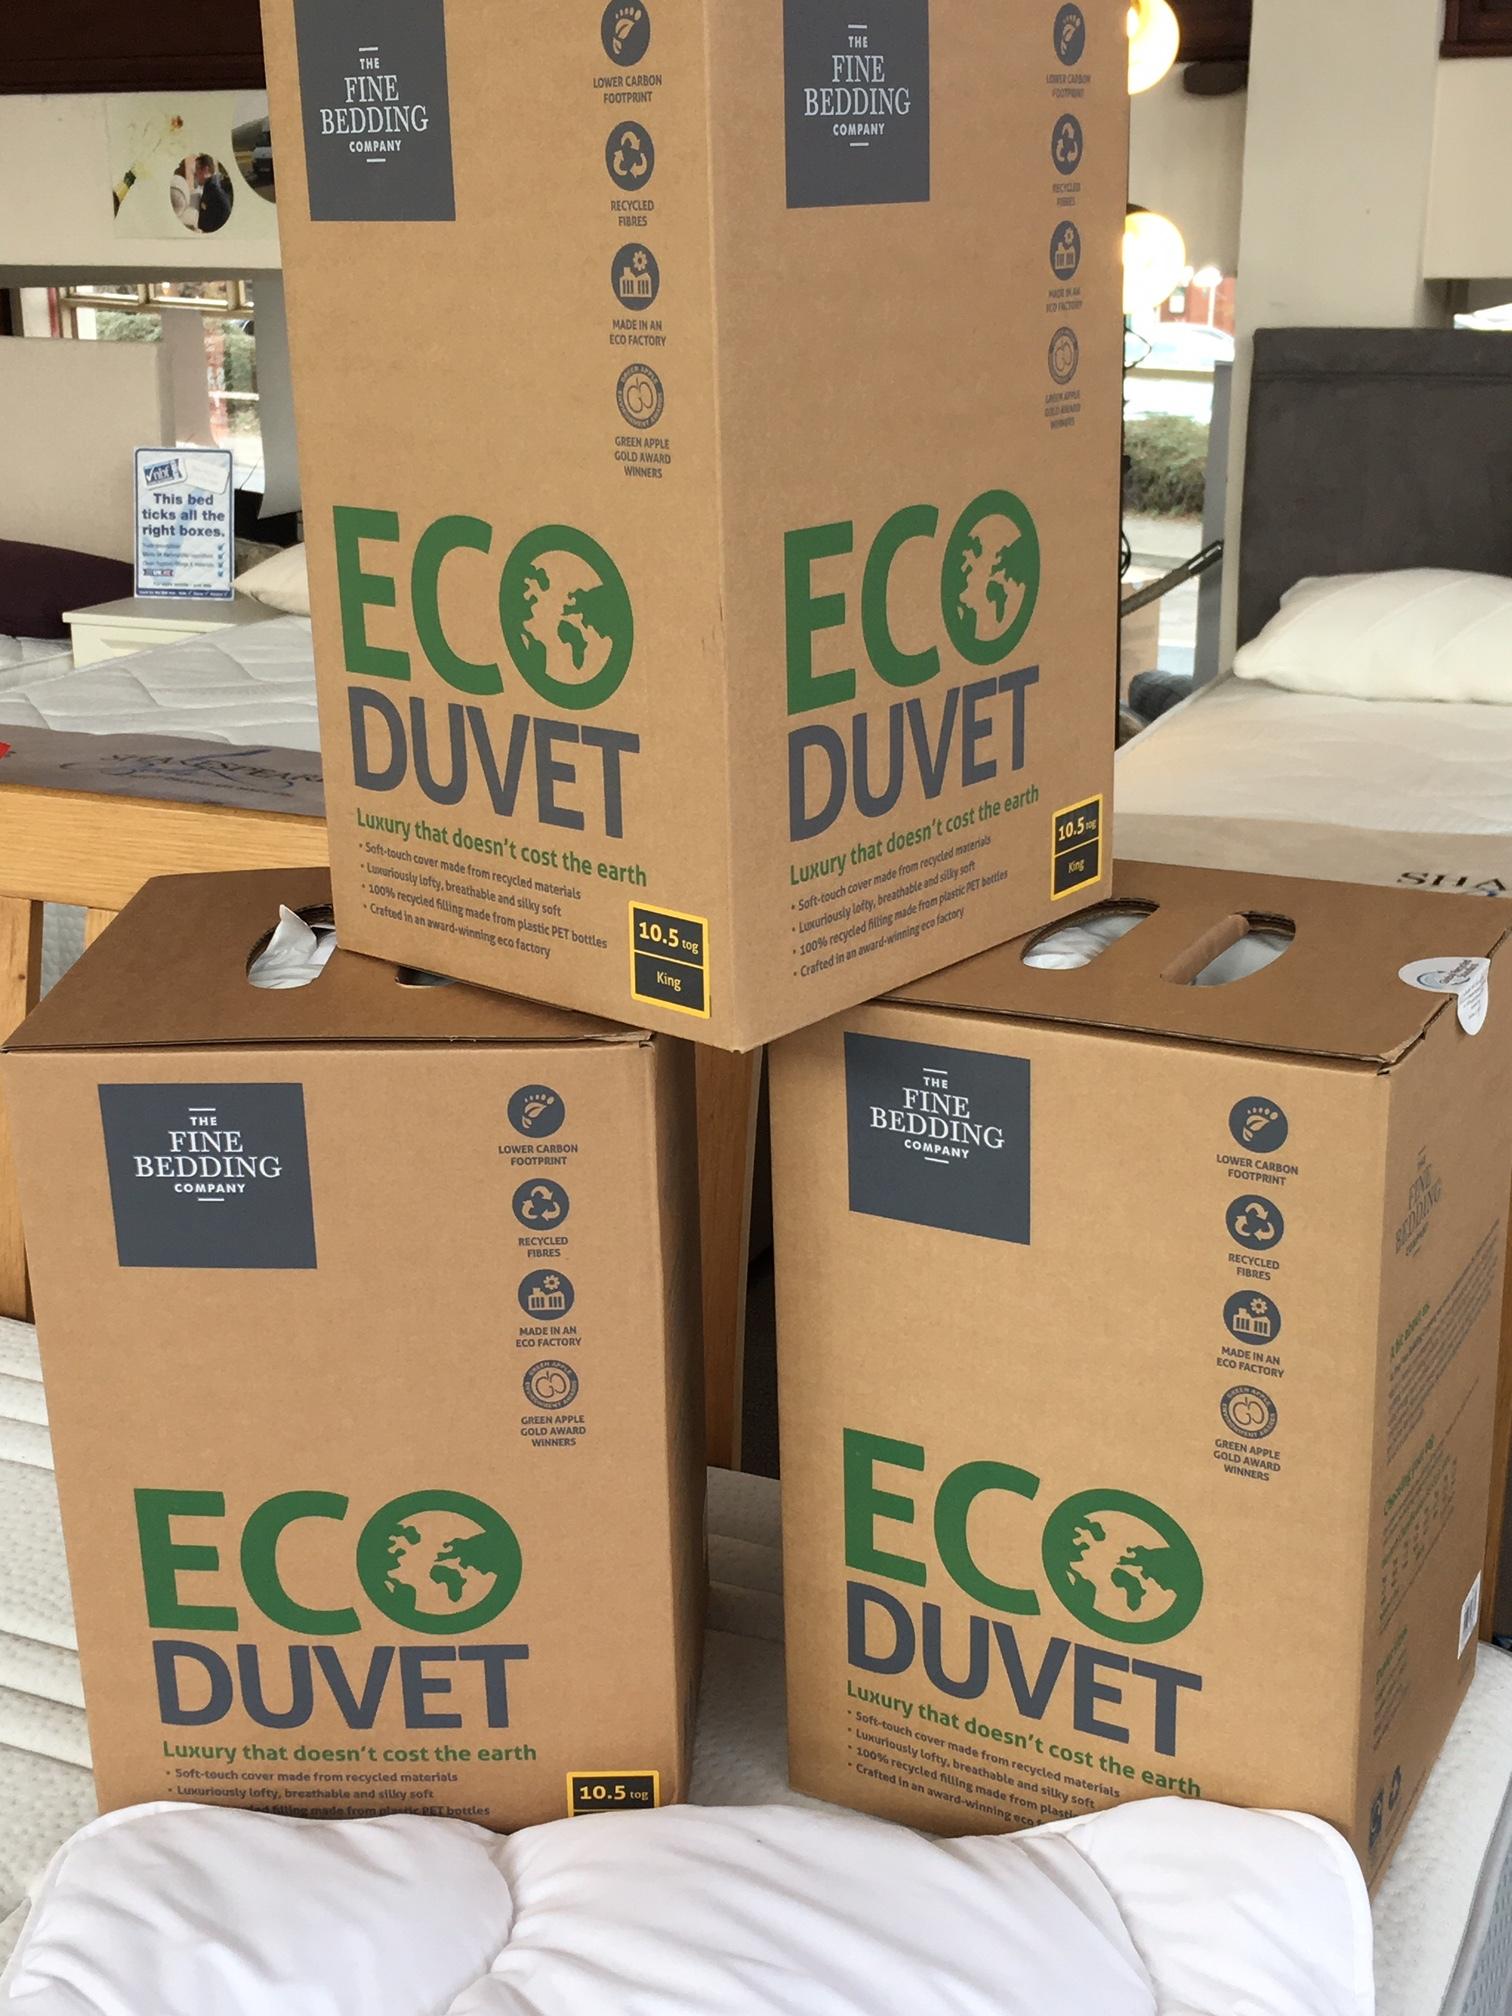 Our new Eco Duvet range